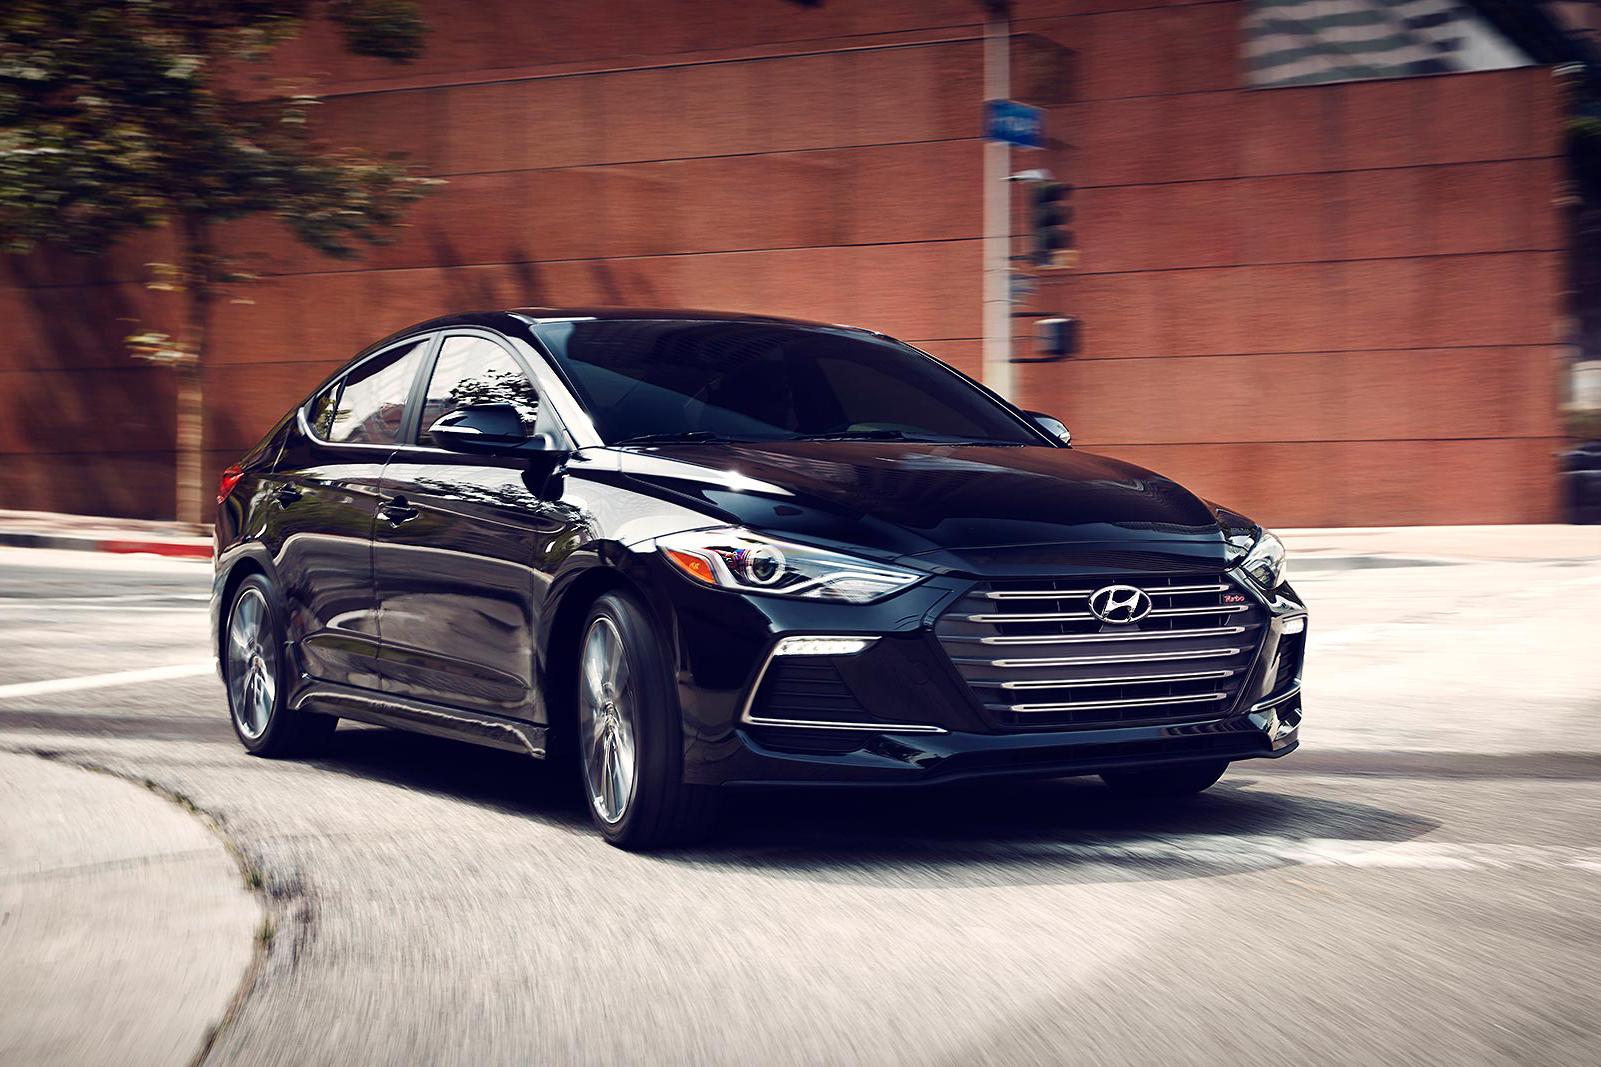 اگر تعرفه نبود، ایرانیان چه خودروهای خارجی را با قیمت مناسب سوار می شدند!